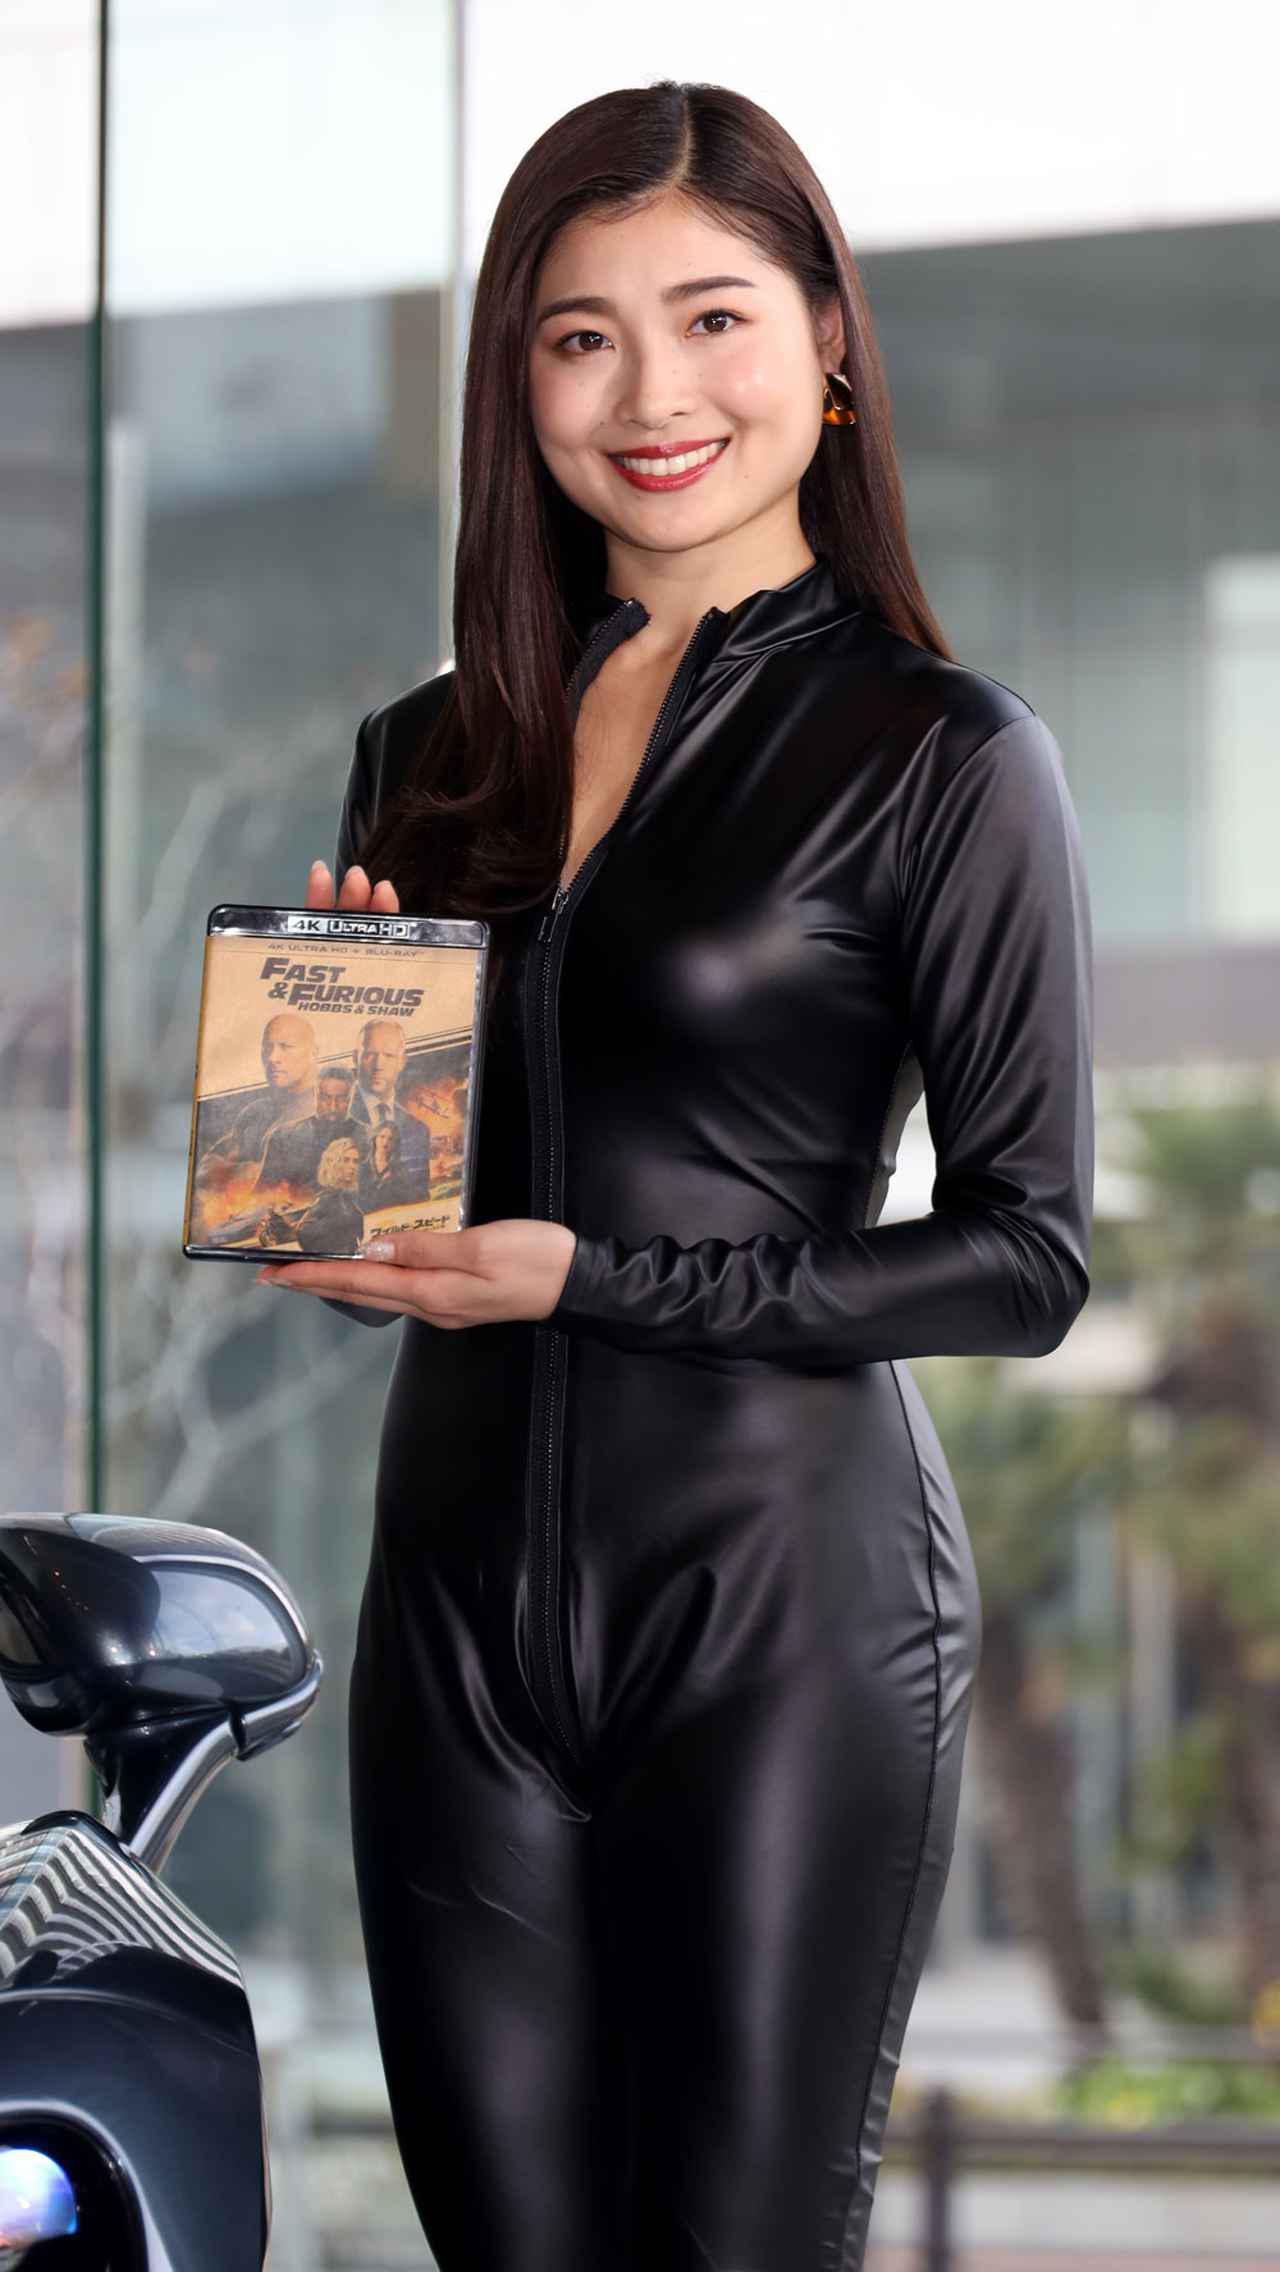 画像6: 『ワイルド・スピード』最新作『ワイルド・スピード/スーパーコンボ』のパッケージで、「McLaren720S」がセットになった超弩級の3580万円のセットが登場!